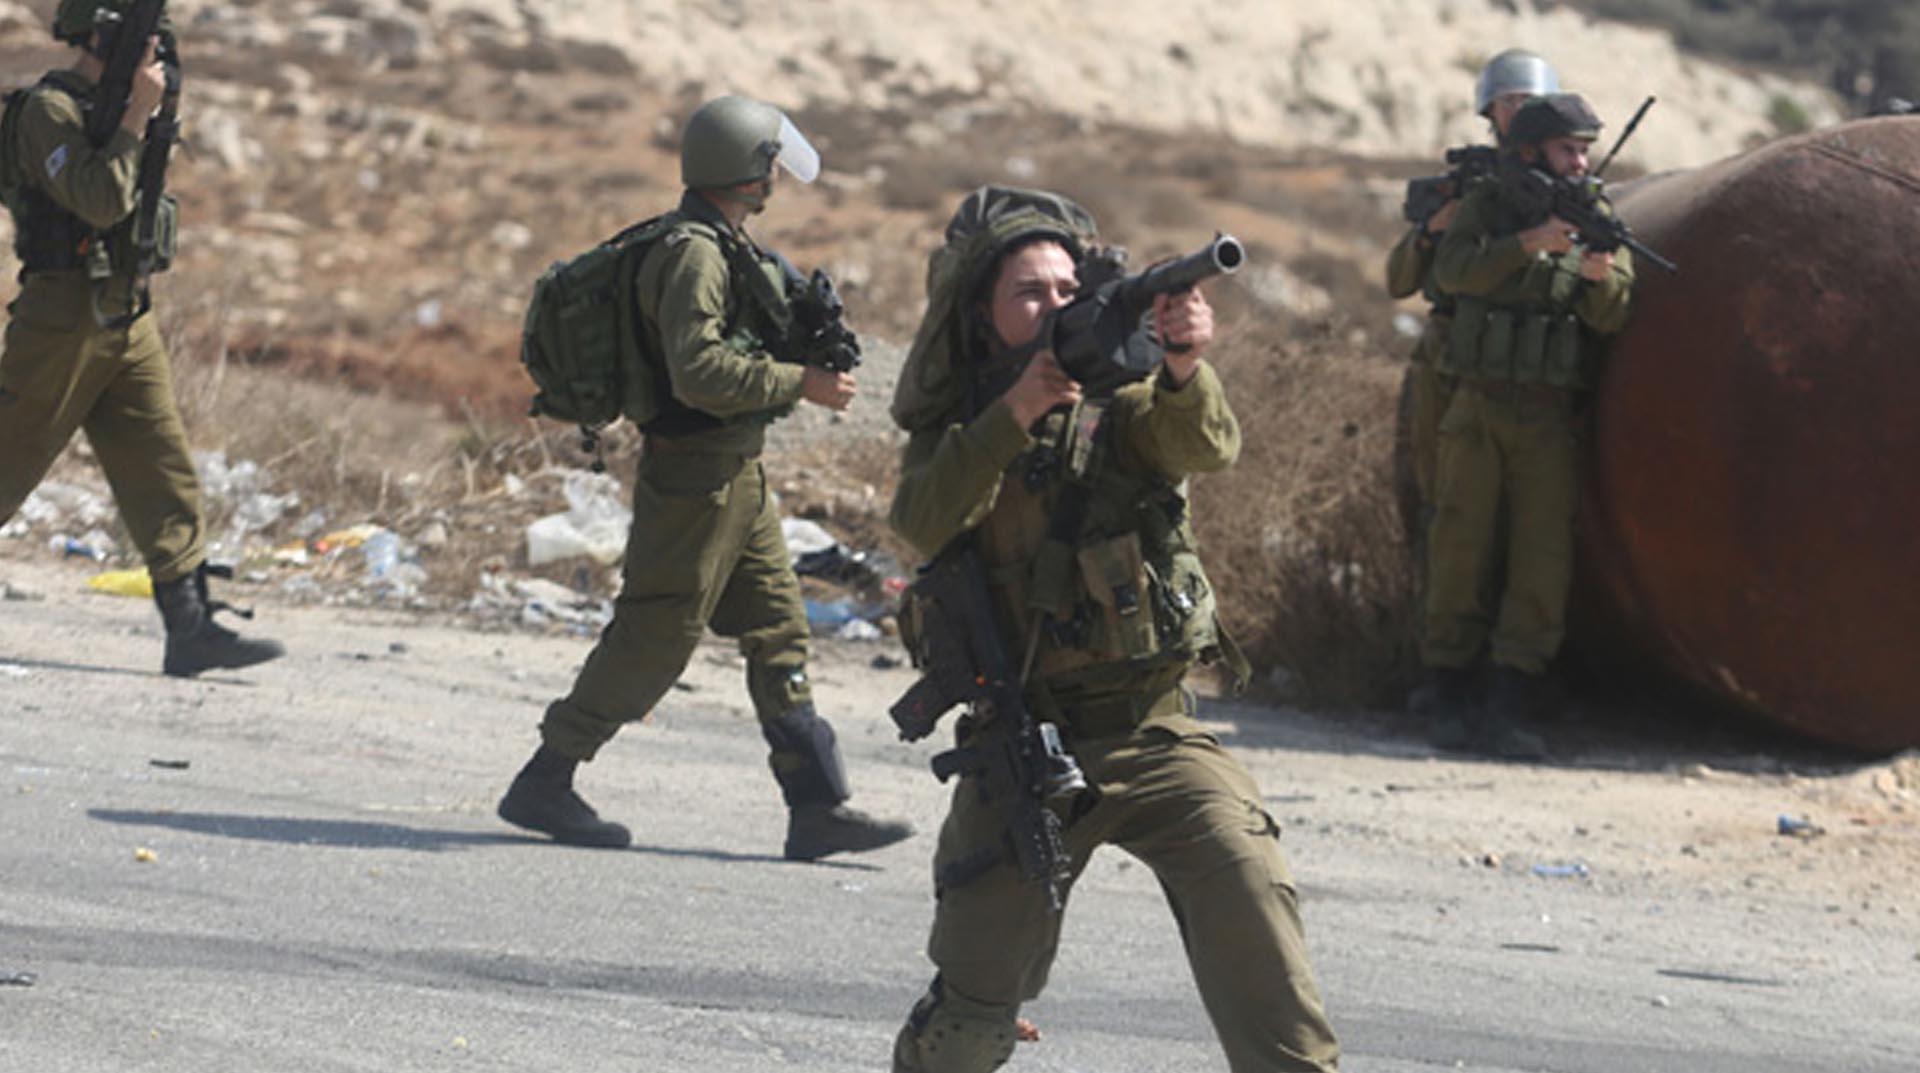 İsrail güçleri 2 Filistinli balıkçıyı gözaltına aldı